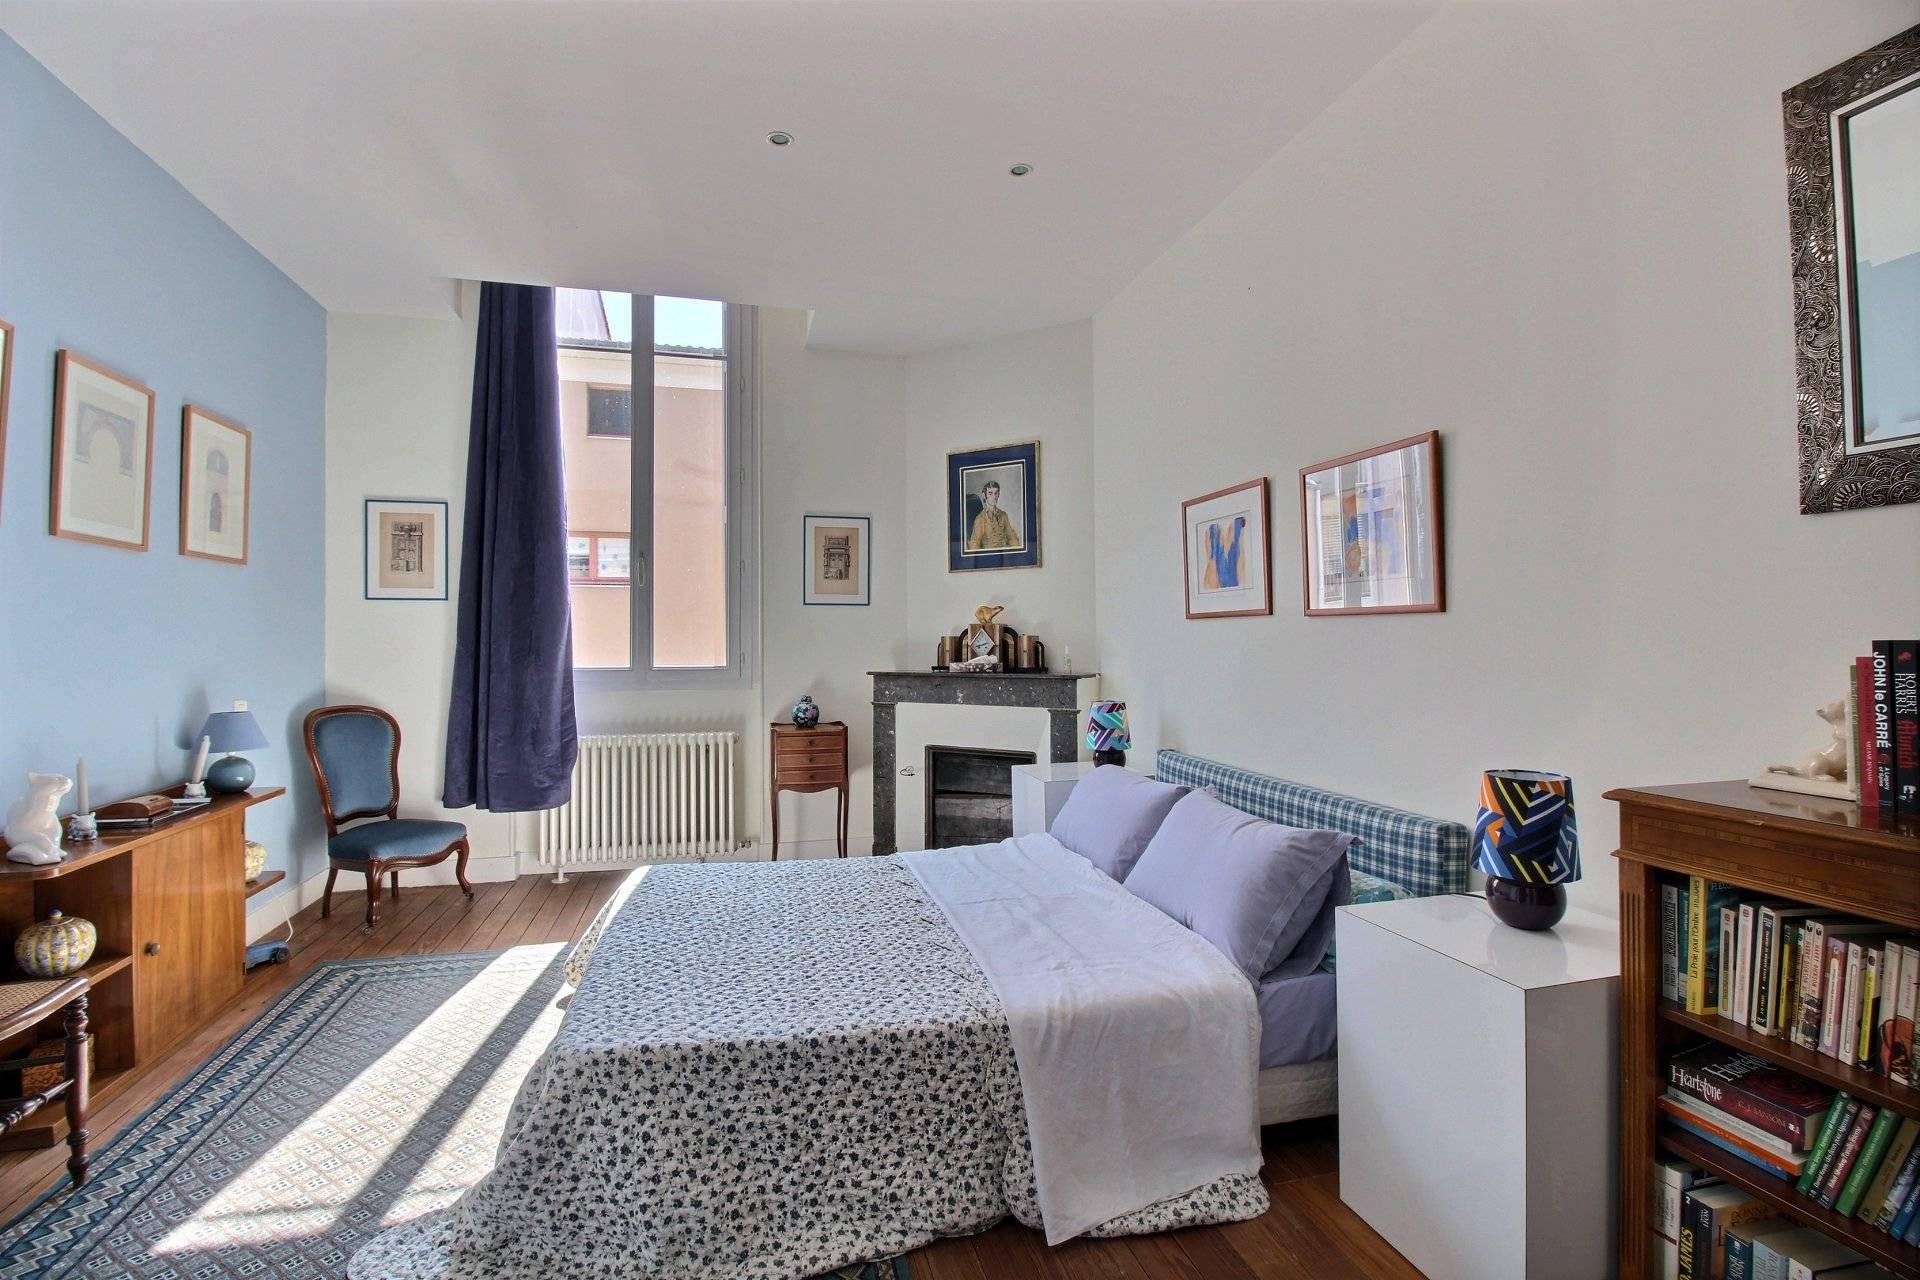 Belle maison de caract re avec jardin a vendre bordeaux chartrons saint louis coldwell banker - Belles maisons bordeaux ...